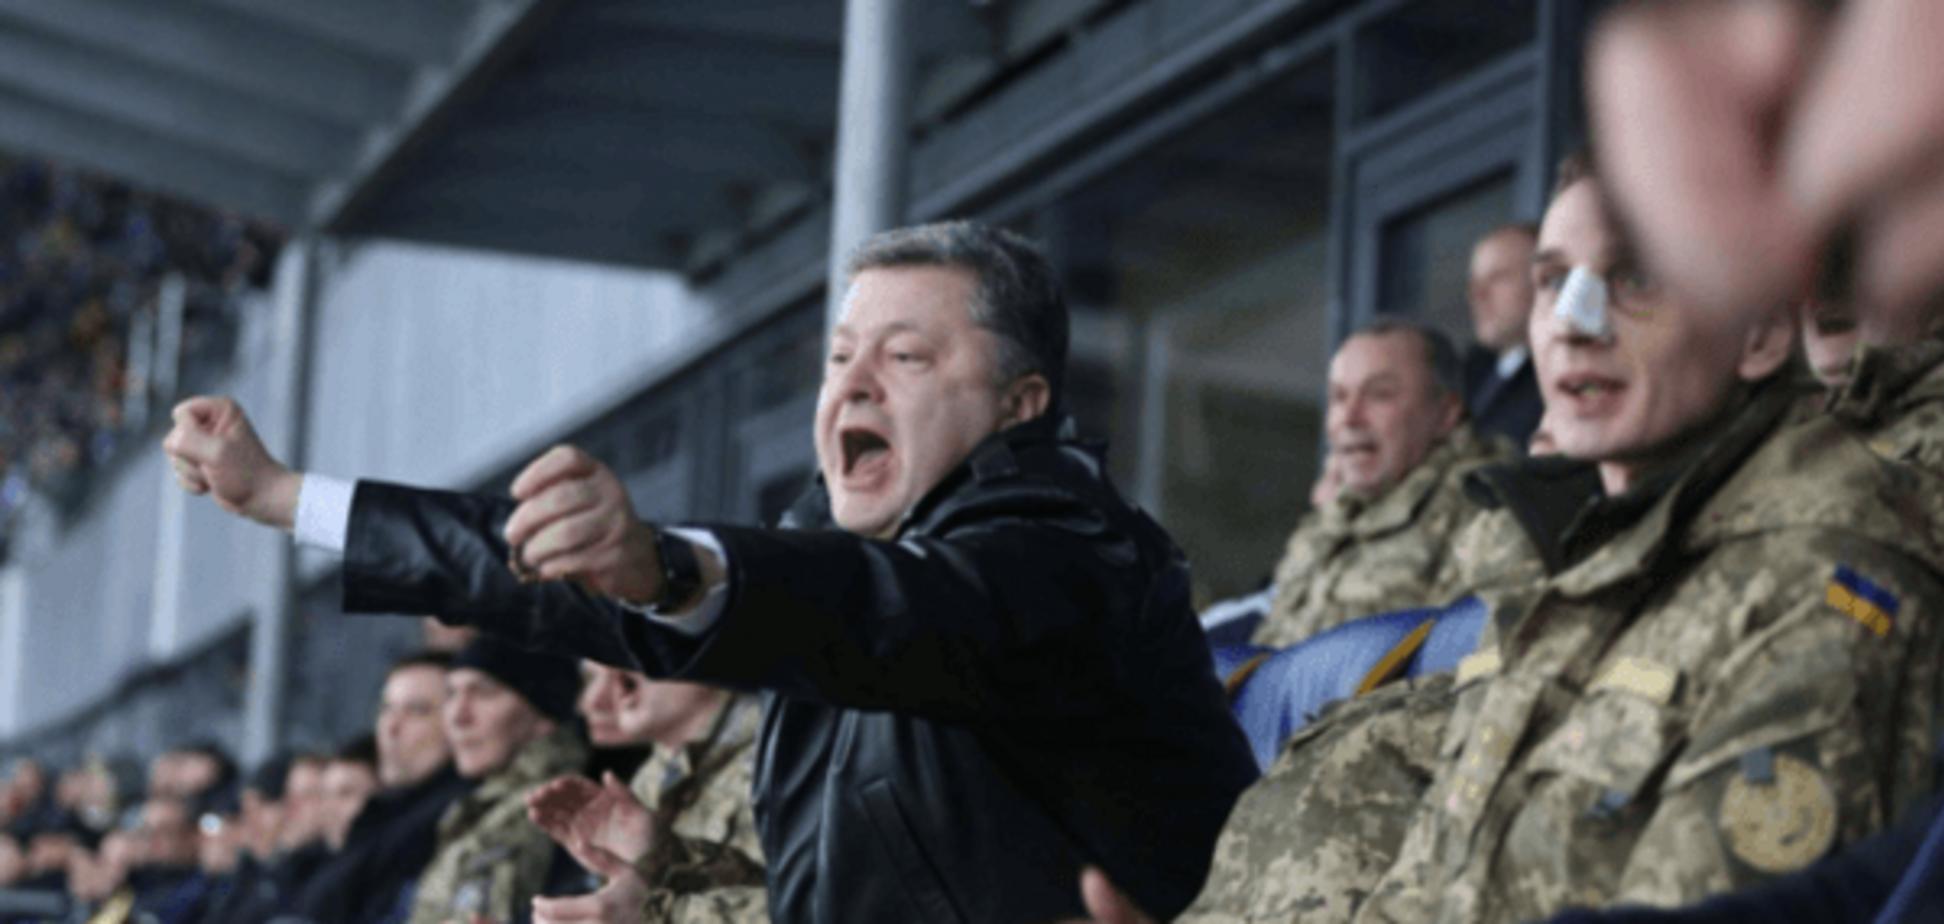 Взрыв эмоций! Появилось фото, как Порошенко-фанат болел за 'Динамо'